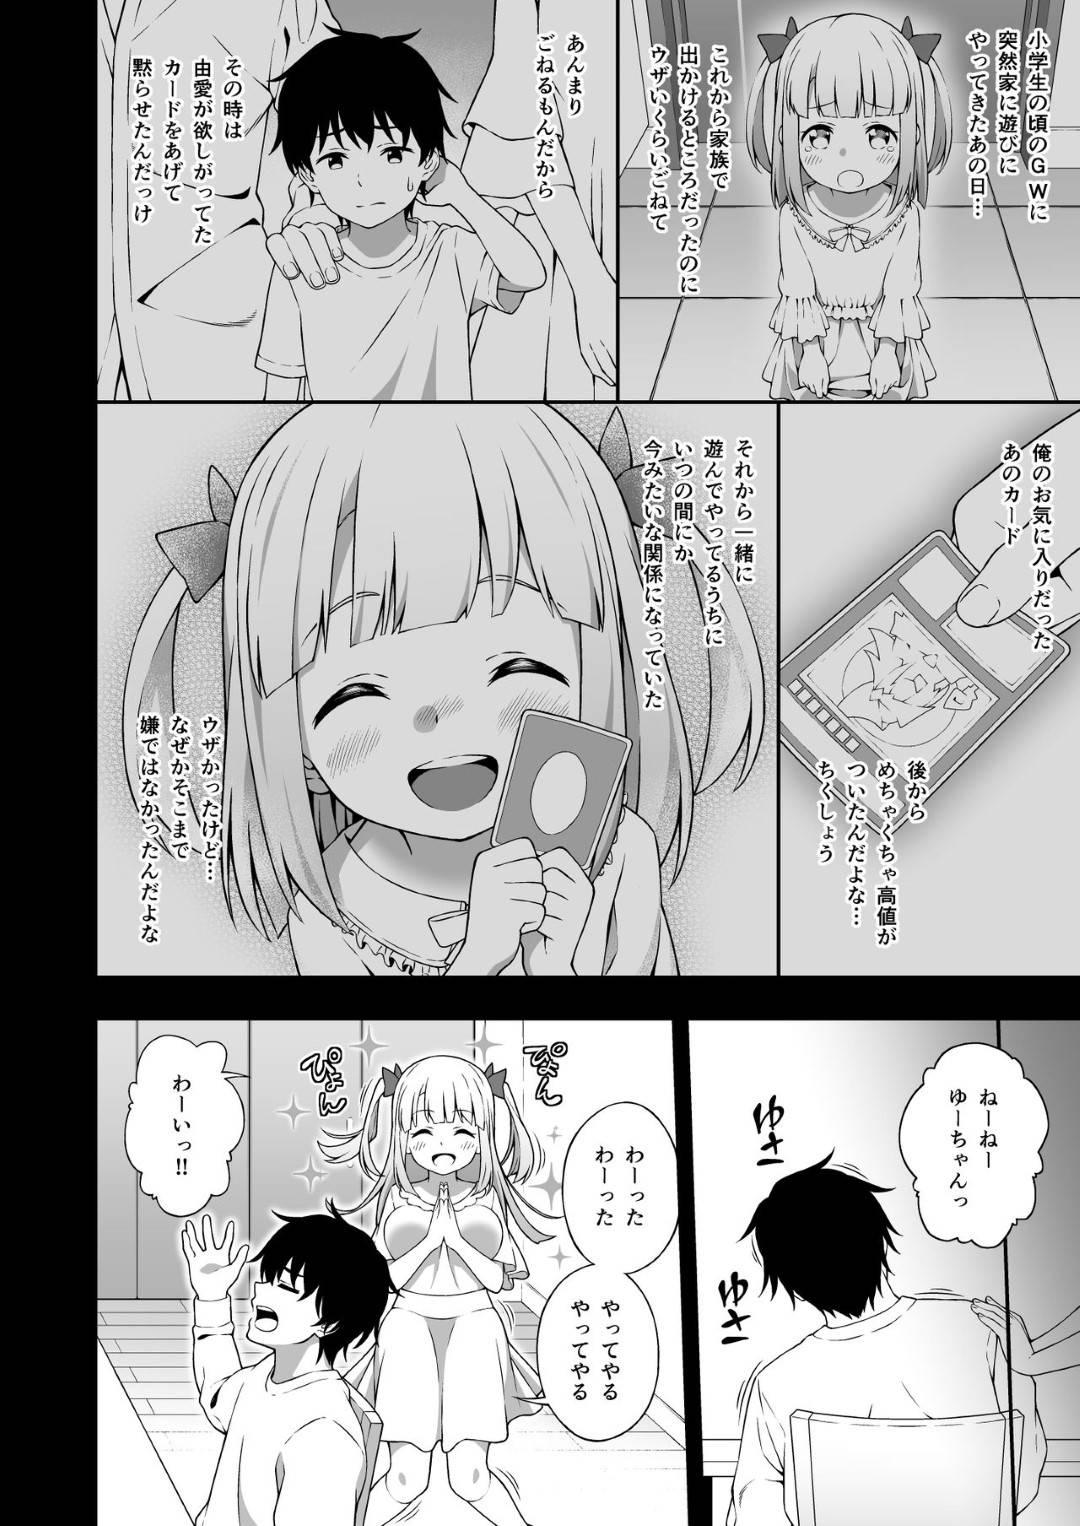 【催眠エロ漫画】幼馴染の由愛に催眠術をかけることに成功した鈴木はエッチな命令を囁き由愛に中出しセックスをし気絶させる【どうしょく/INAGITA】